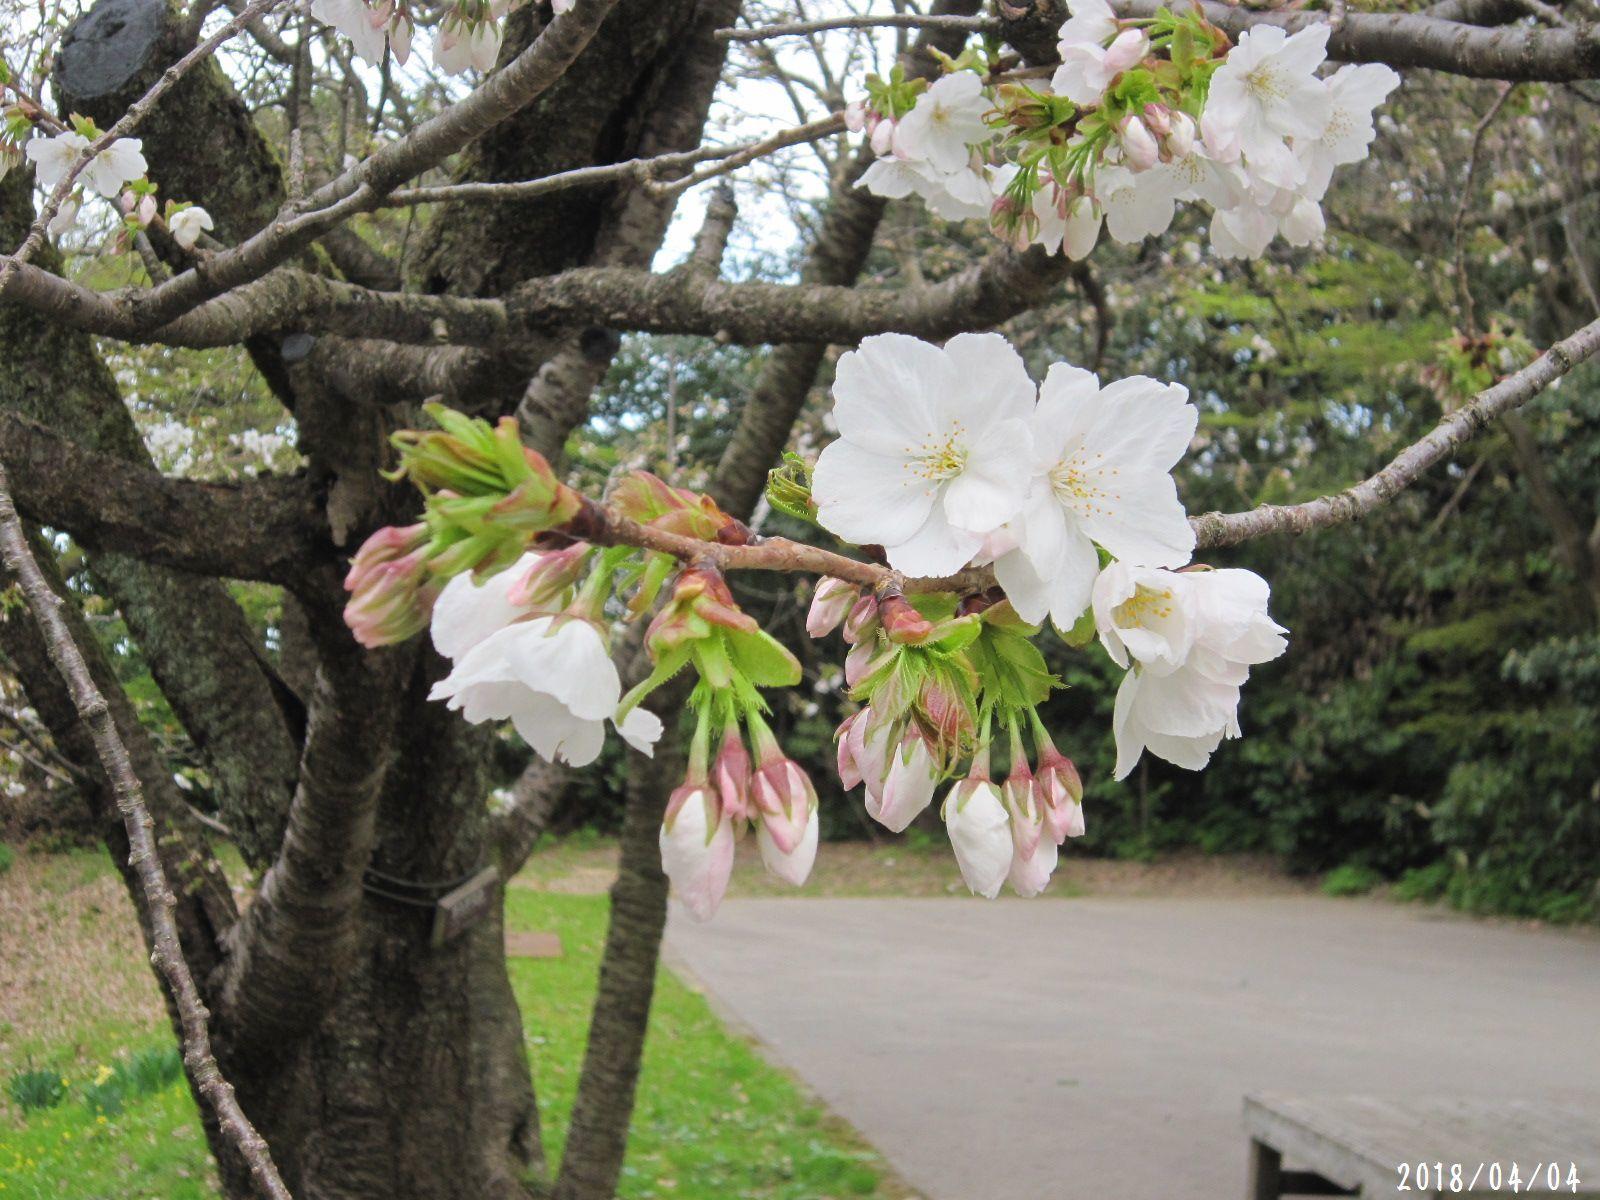 桜だより❀ 満開です❀ (4月7日 追記あり)  _a0207574_16541820.jpg